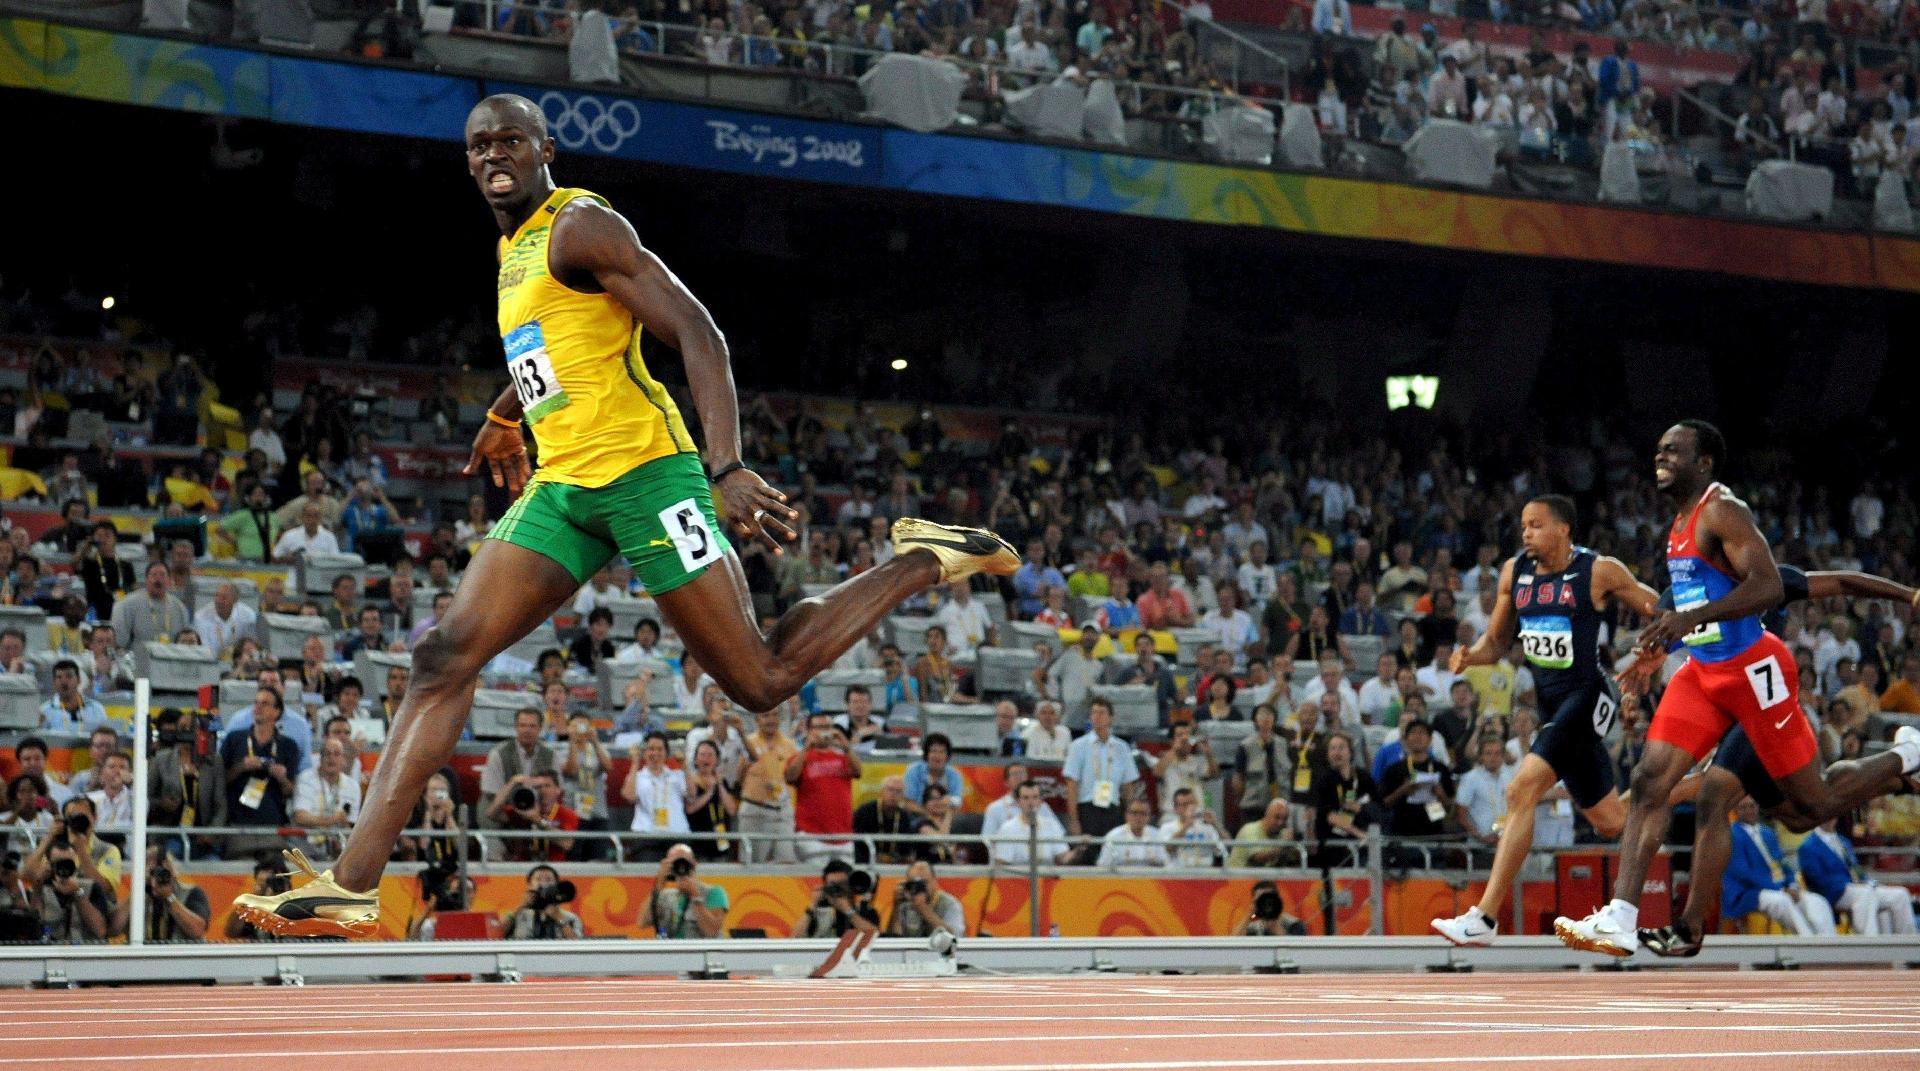 Usain Bolt na chegada dos 200 m rasos, em Pequim-2008. Ele fez em 19s30, tempo recorde à época. Em 2009, reduziu a marca para 19s19